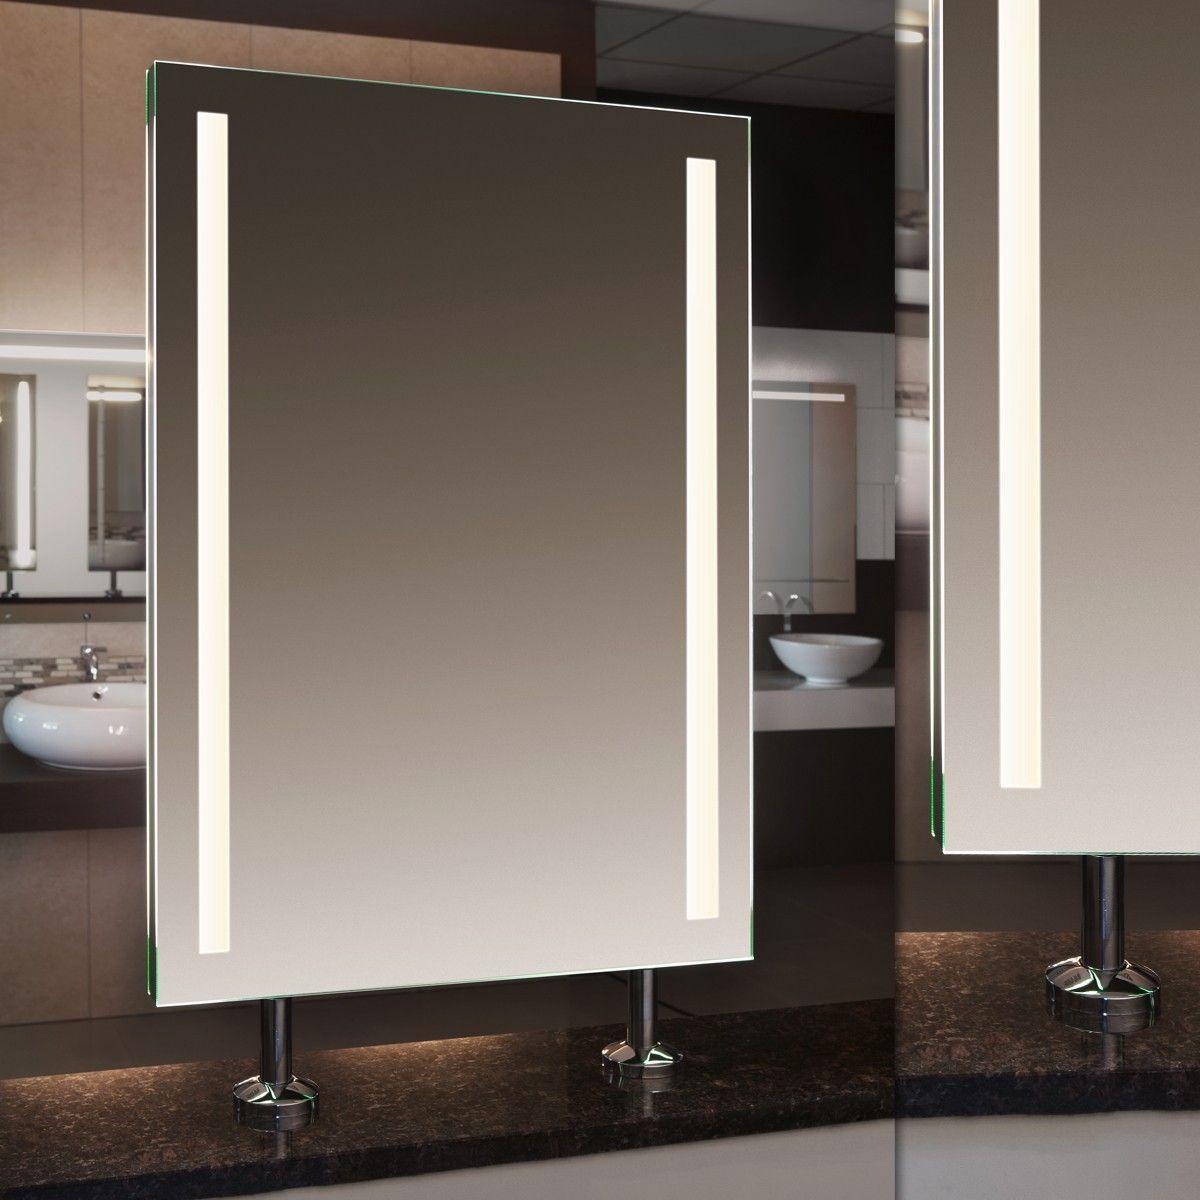 Spiegel Raumteiler Badspiegel Wandspiegel Badezimmerspiegel